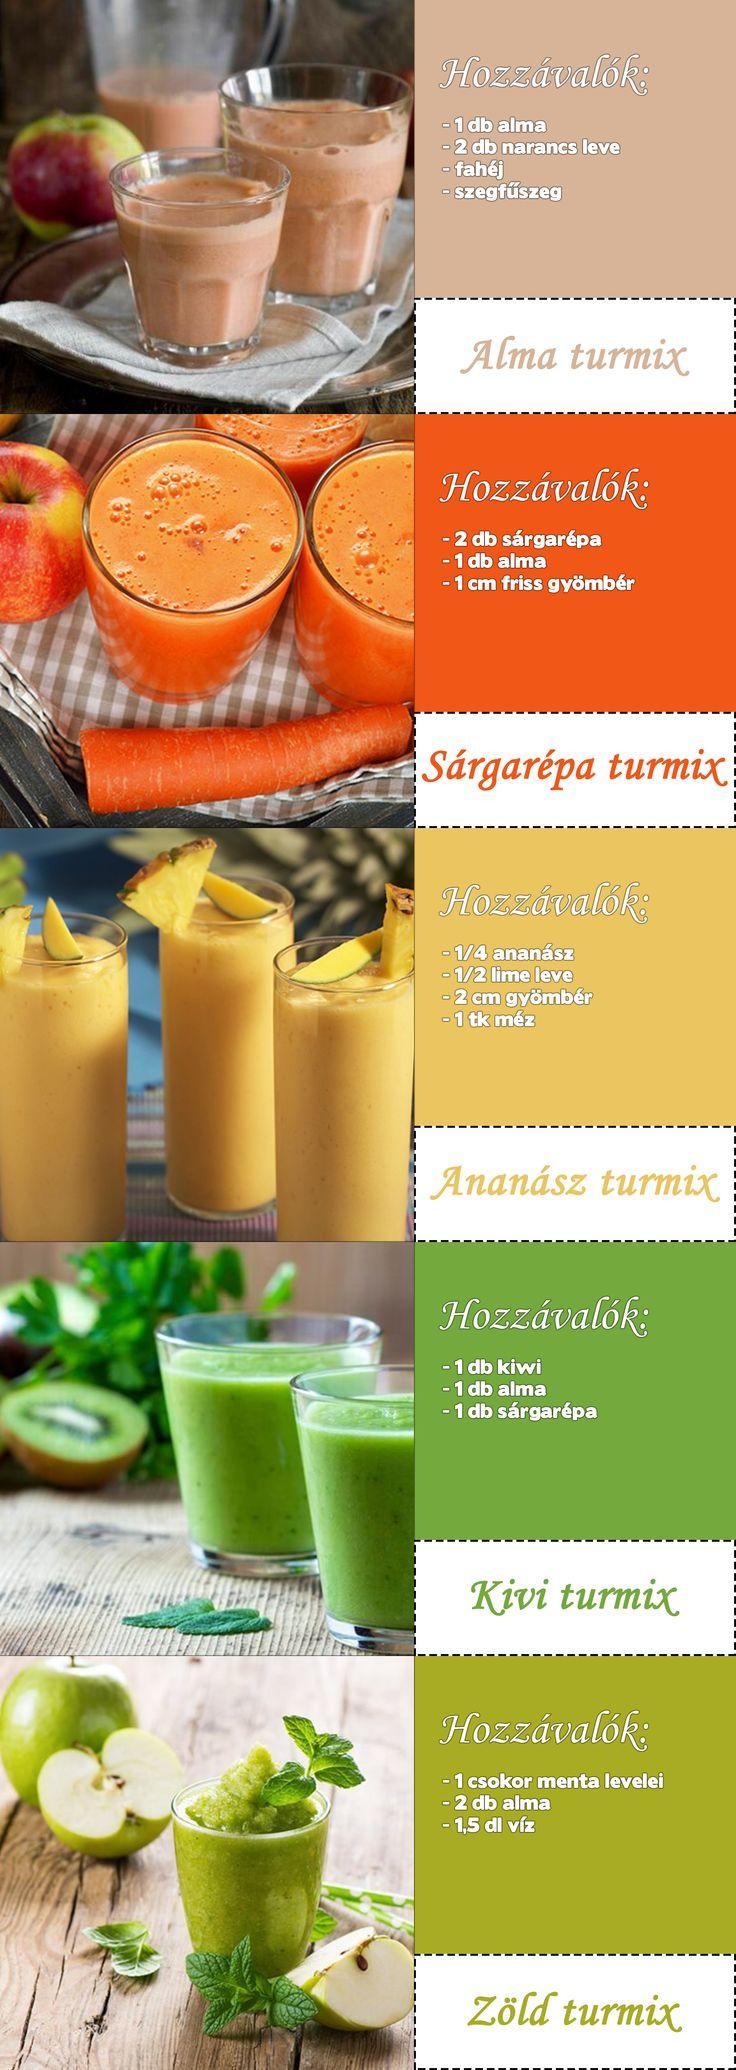 Egyszerű gyümölcs és zöld turmix receptek #turmix #zöldturmix